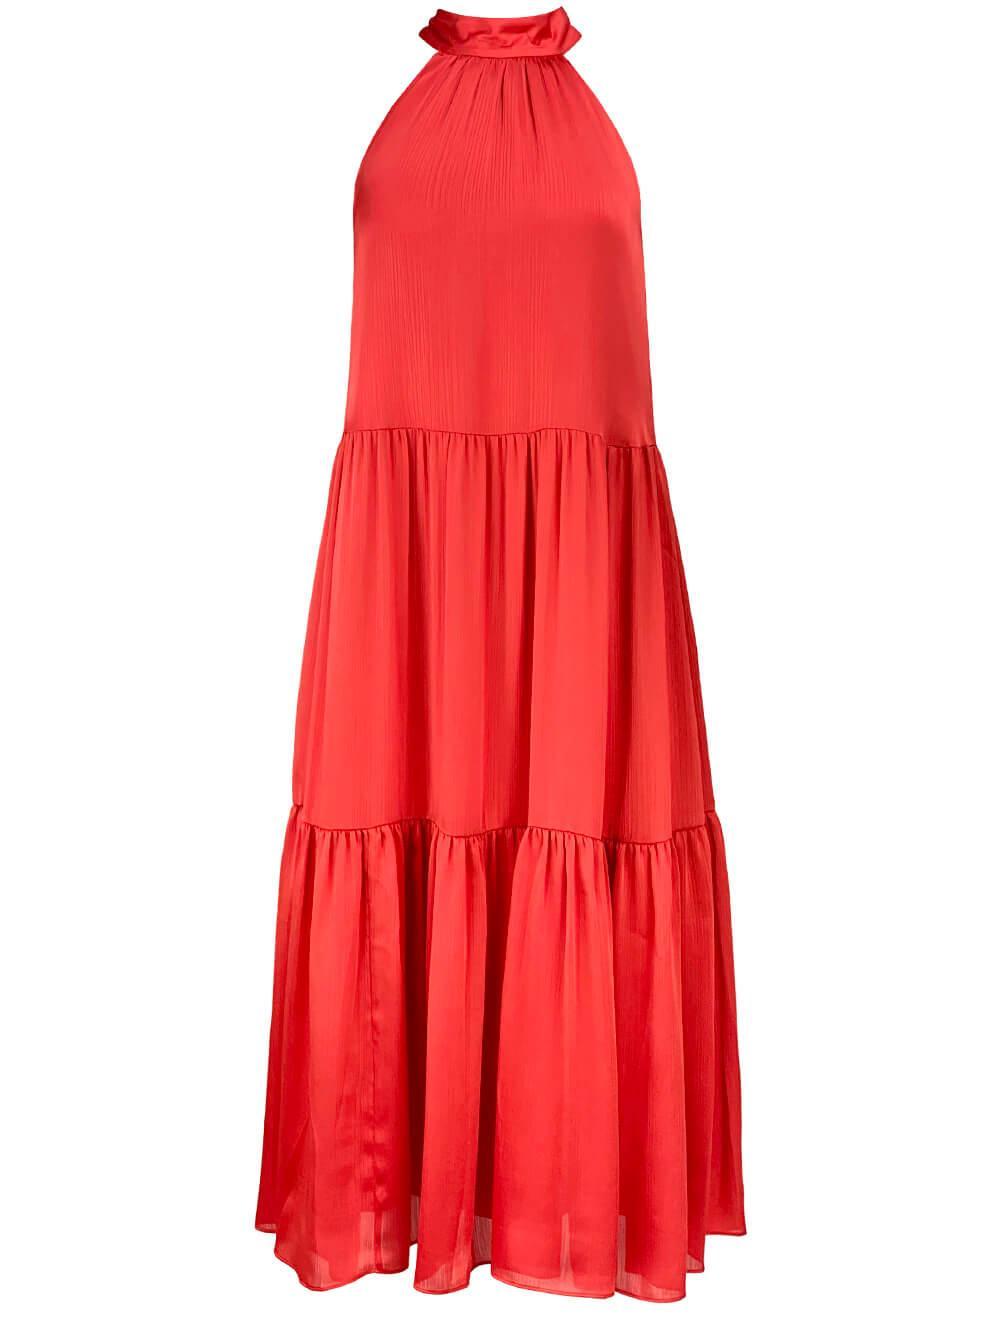 Immeasurable Dress